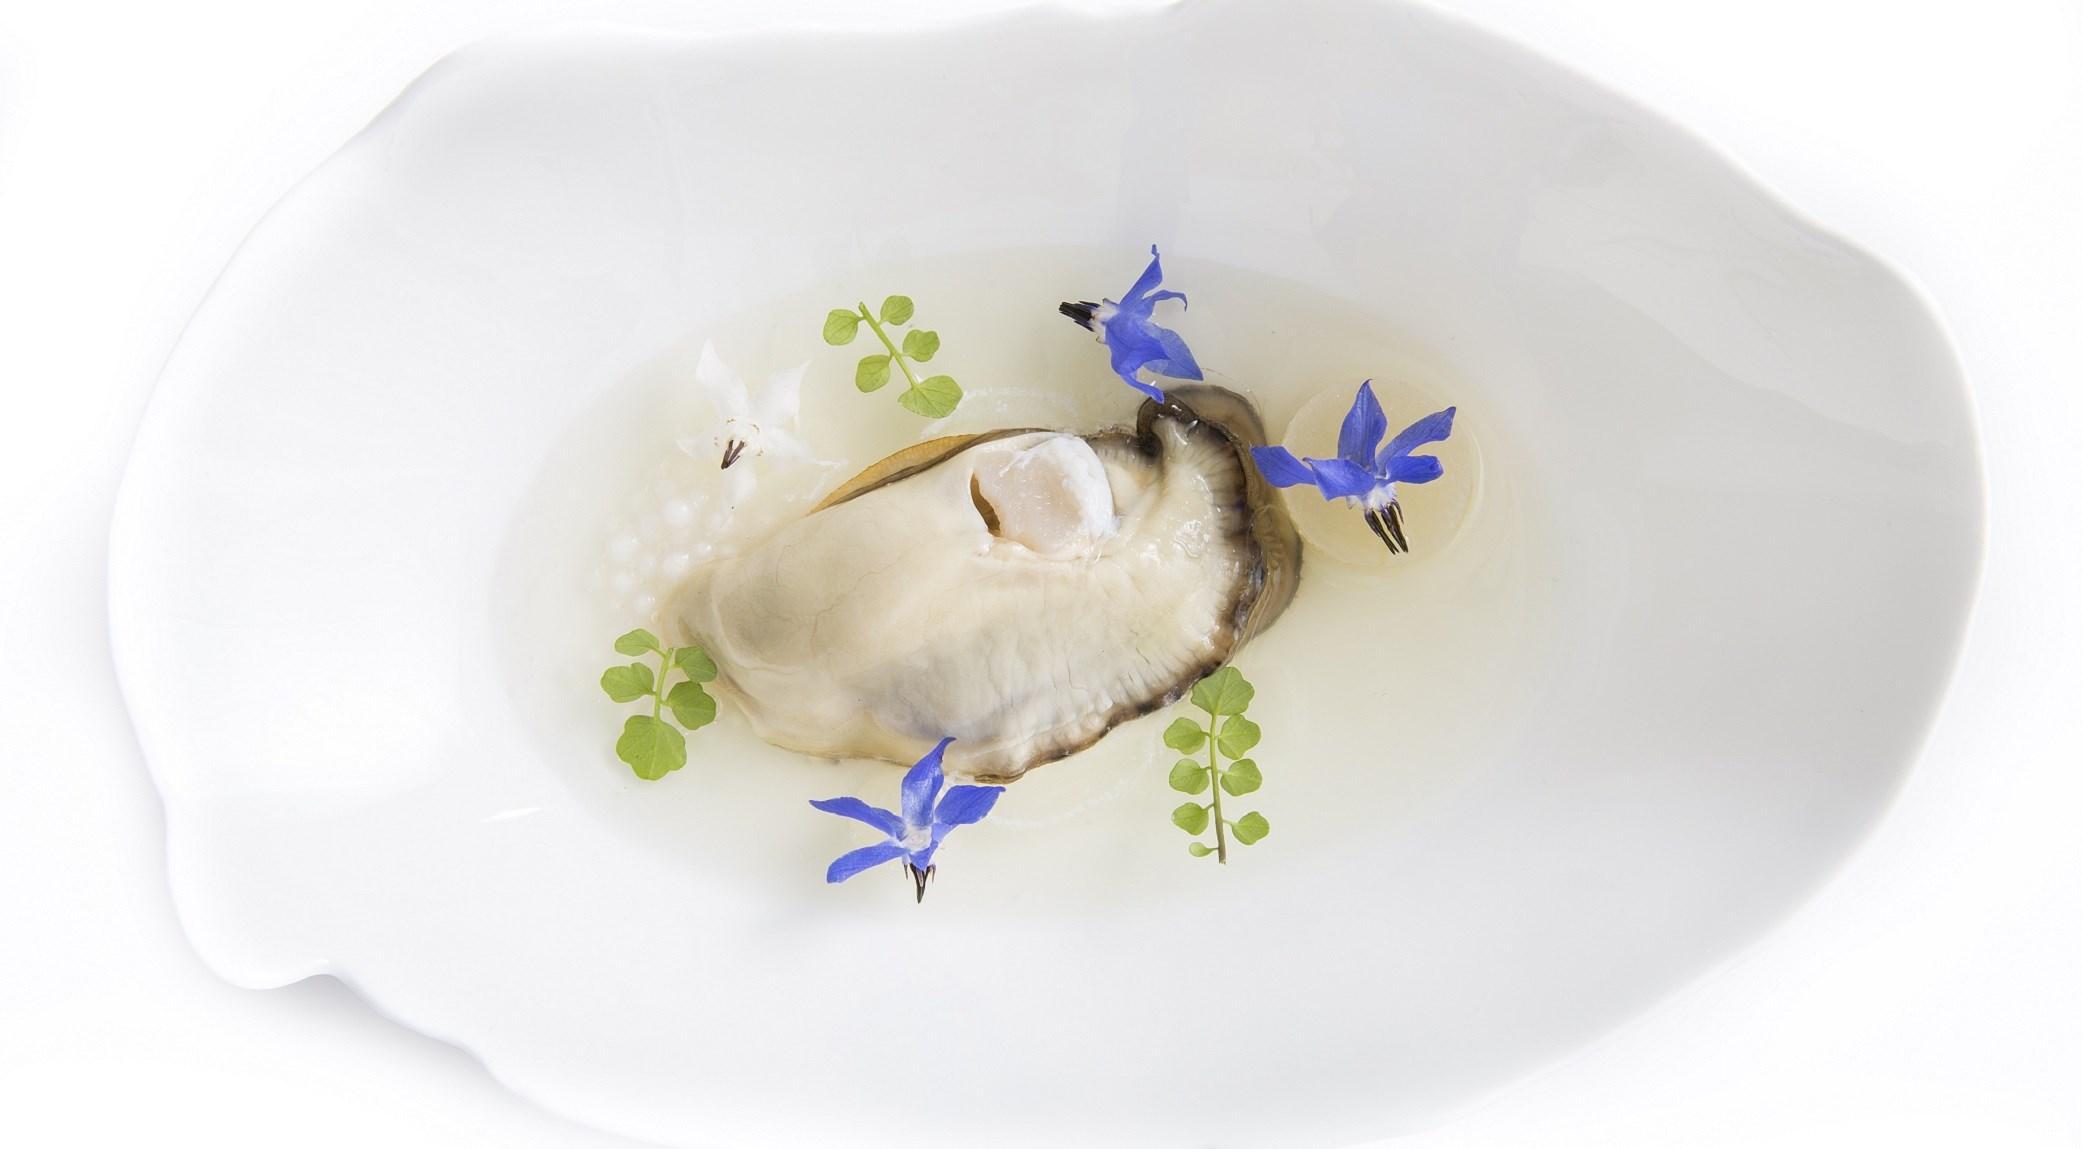 Huître aux poires et fleur de bourrache